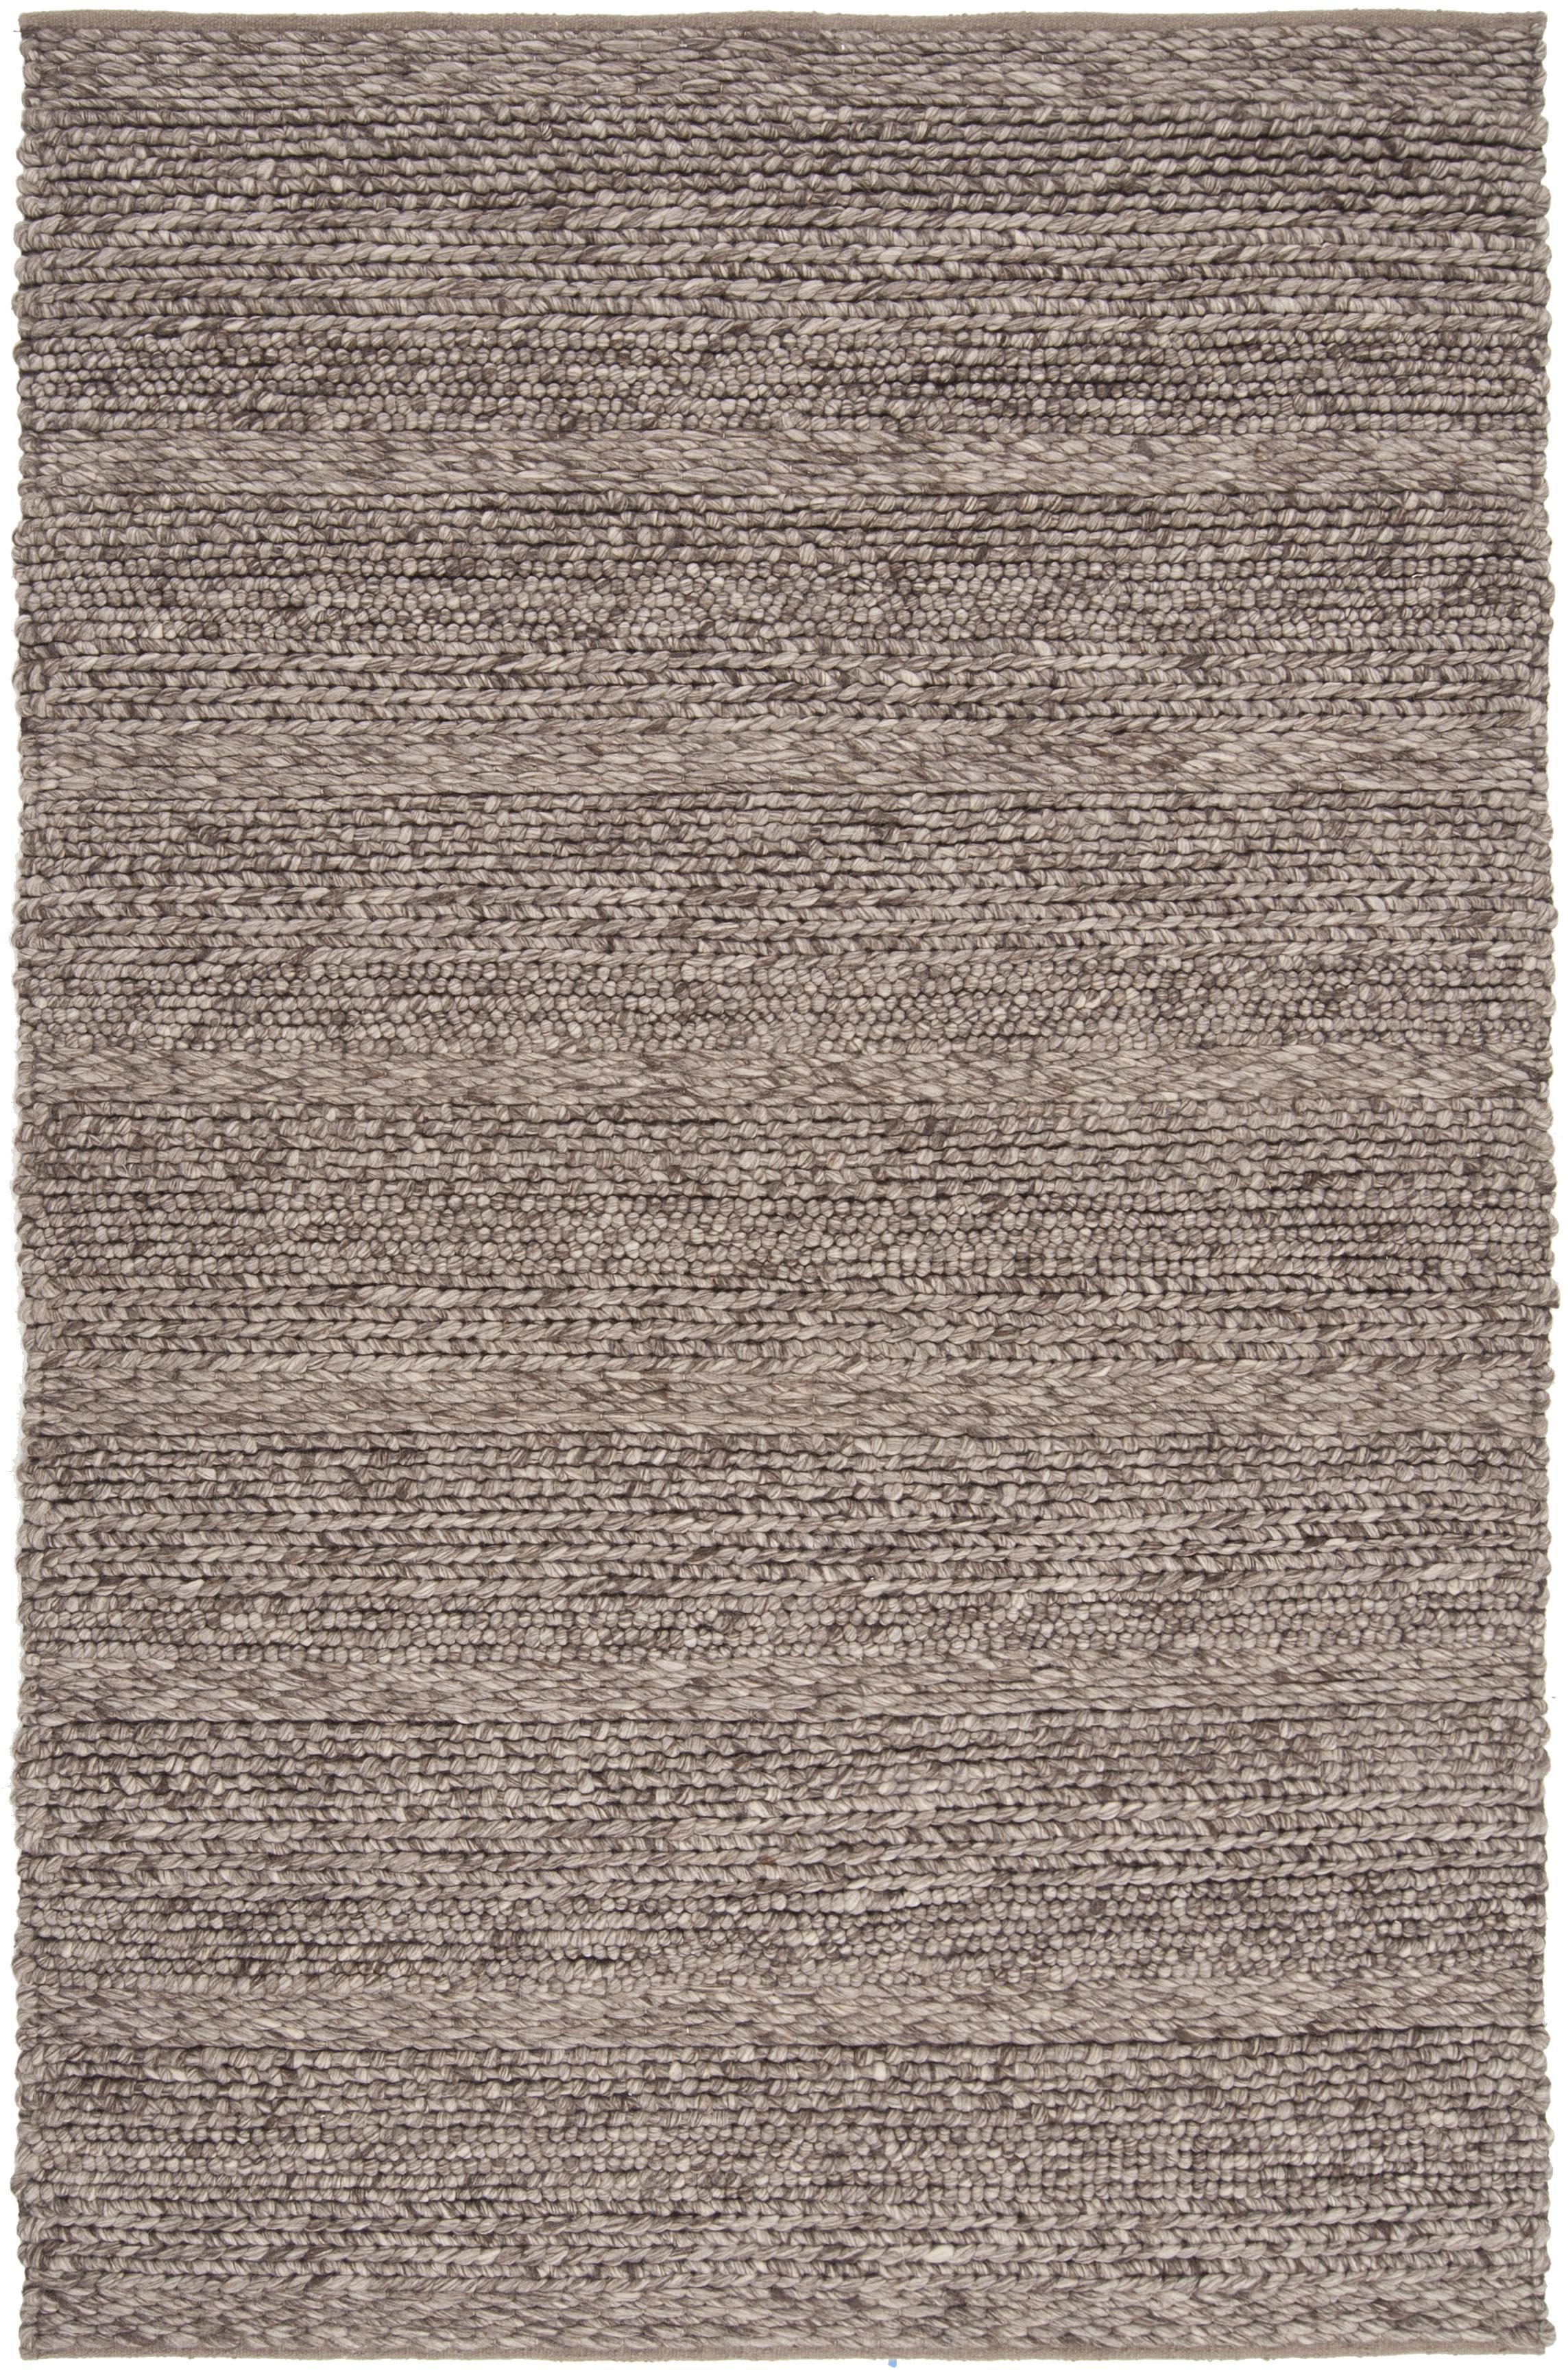 Surya Rugs Tahoe 3' x 5' - Item Number: TAH3705-35